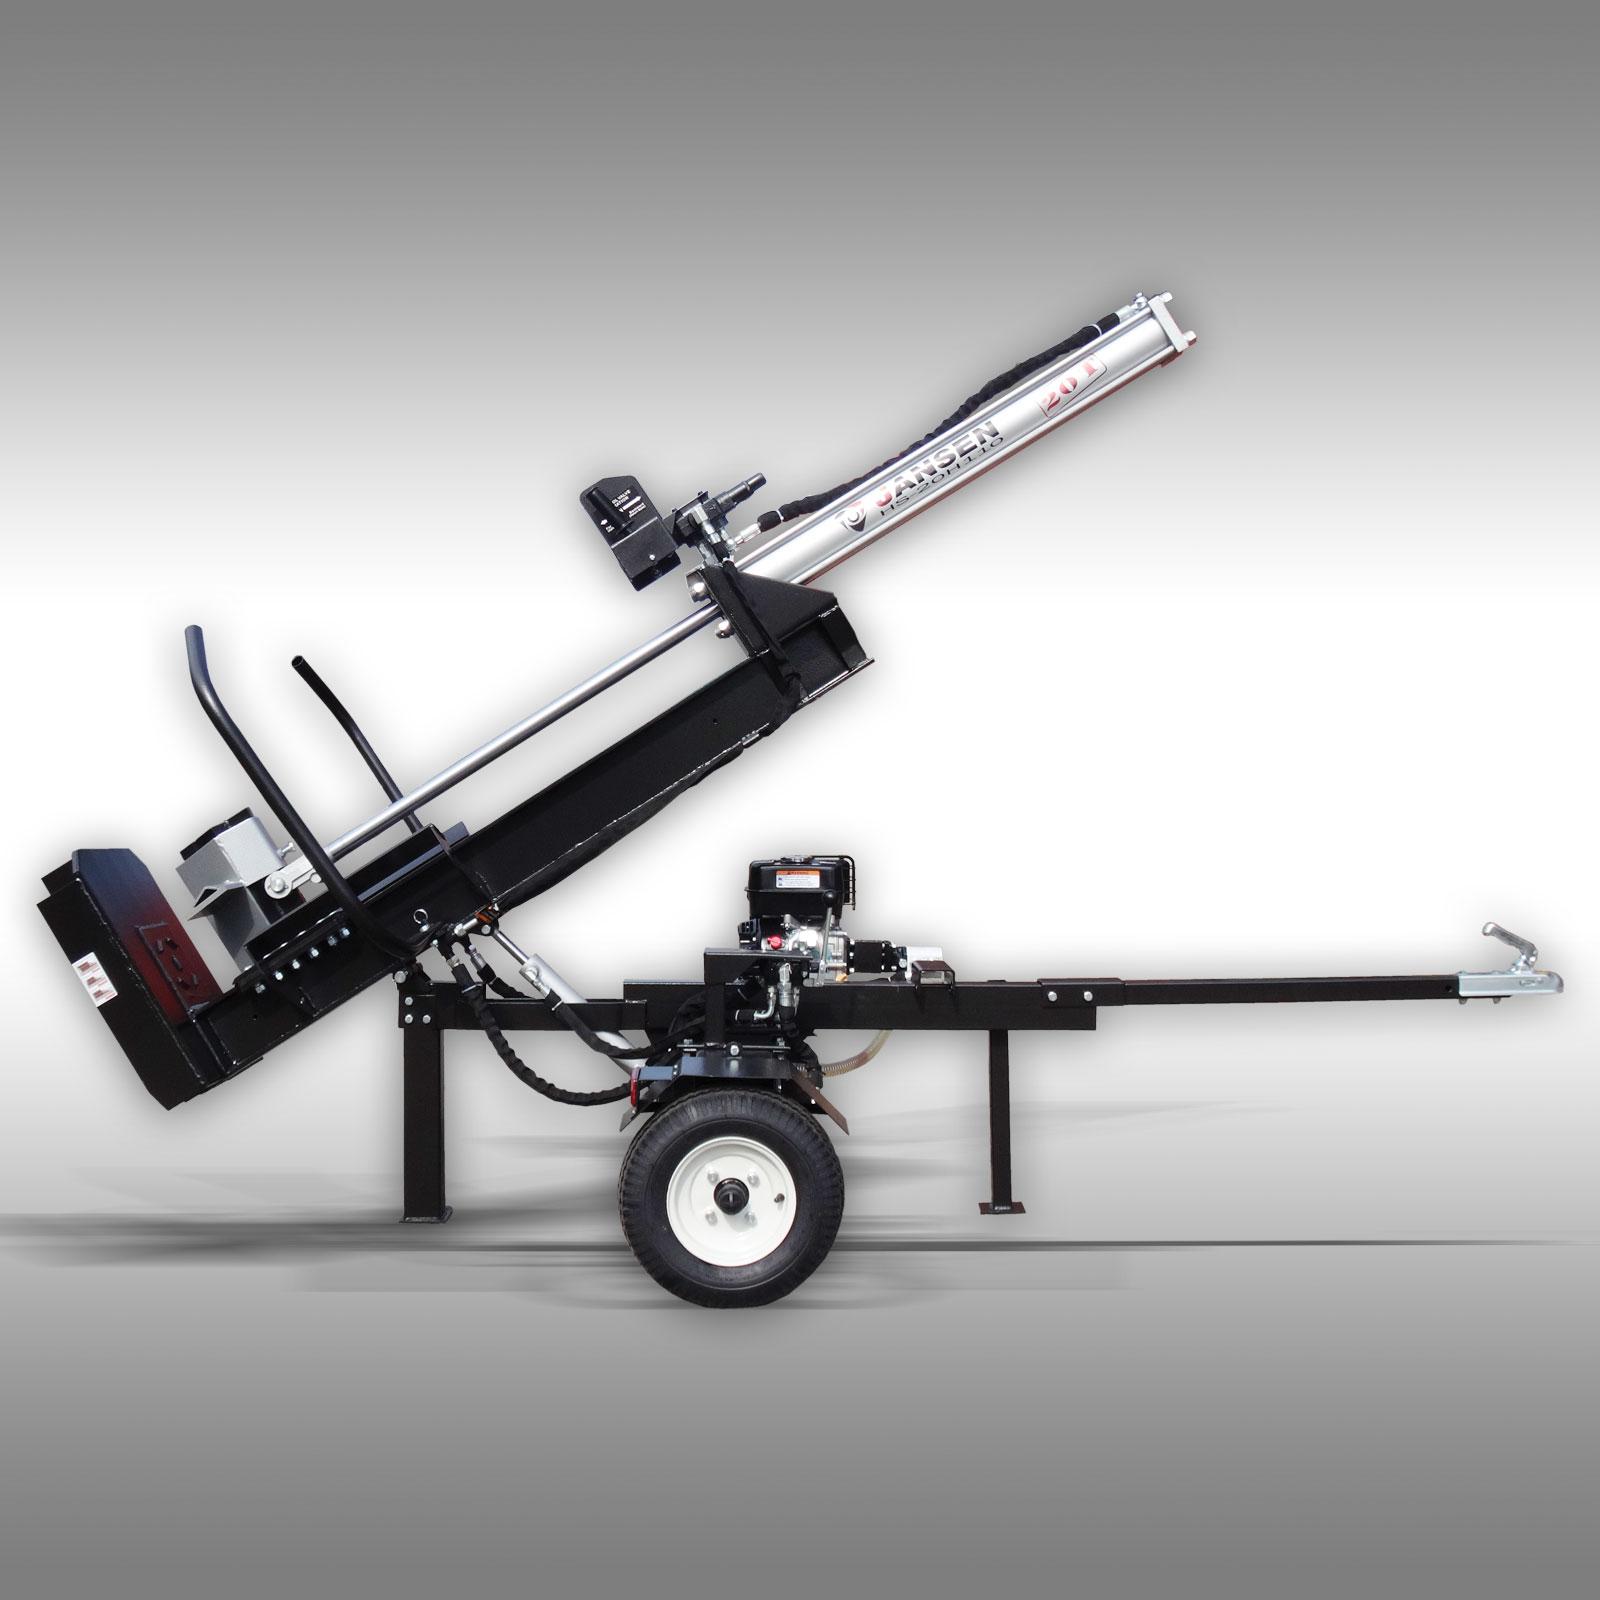 Jansen Houtklover HS-20H110-V2, 20 t, 110 cm, benzine, Kloofmachine, hydr. kippen